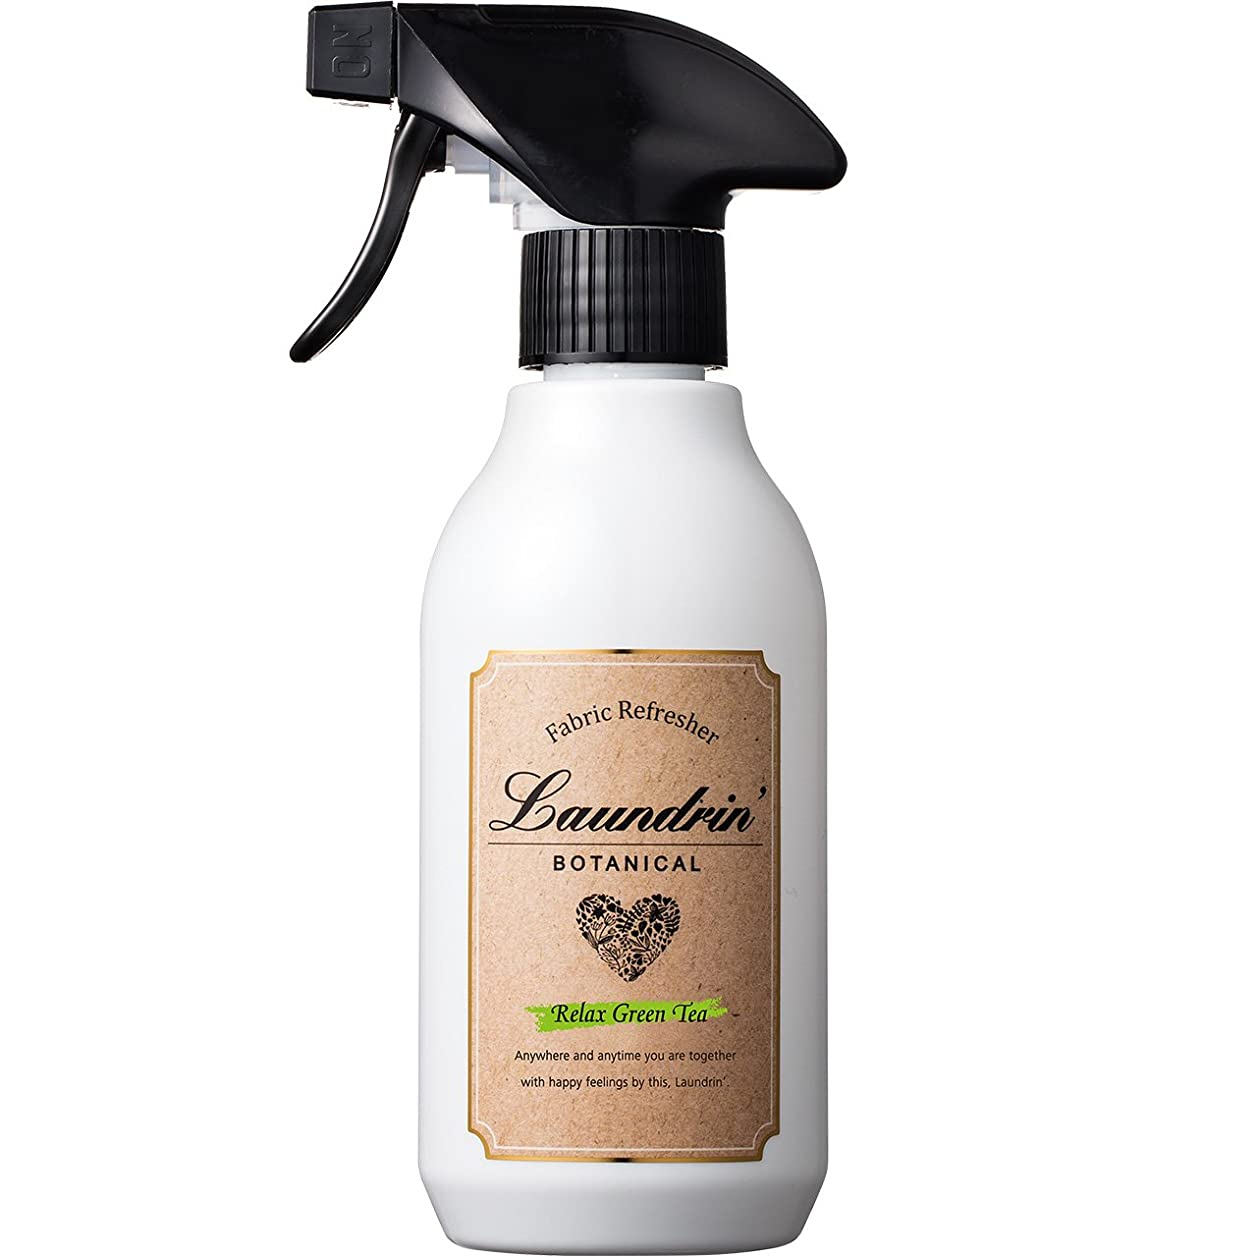 付録評価可能伴うランドリン ボタニカル ファブリックミスト リラックスグリーンティーの香り 300ml